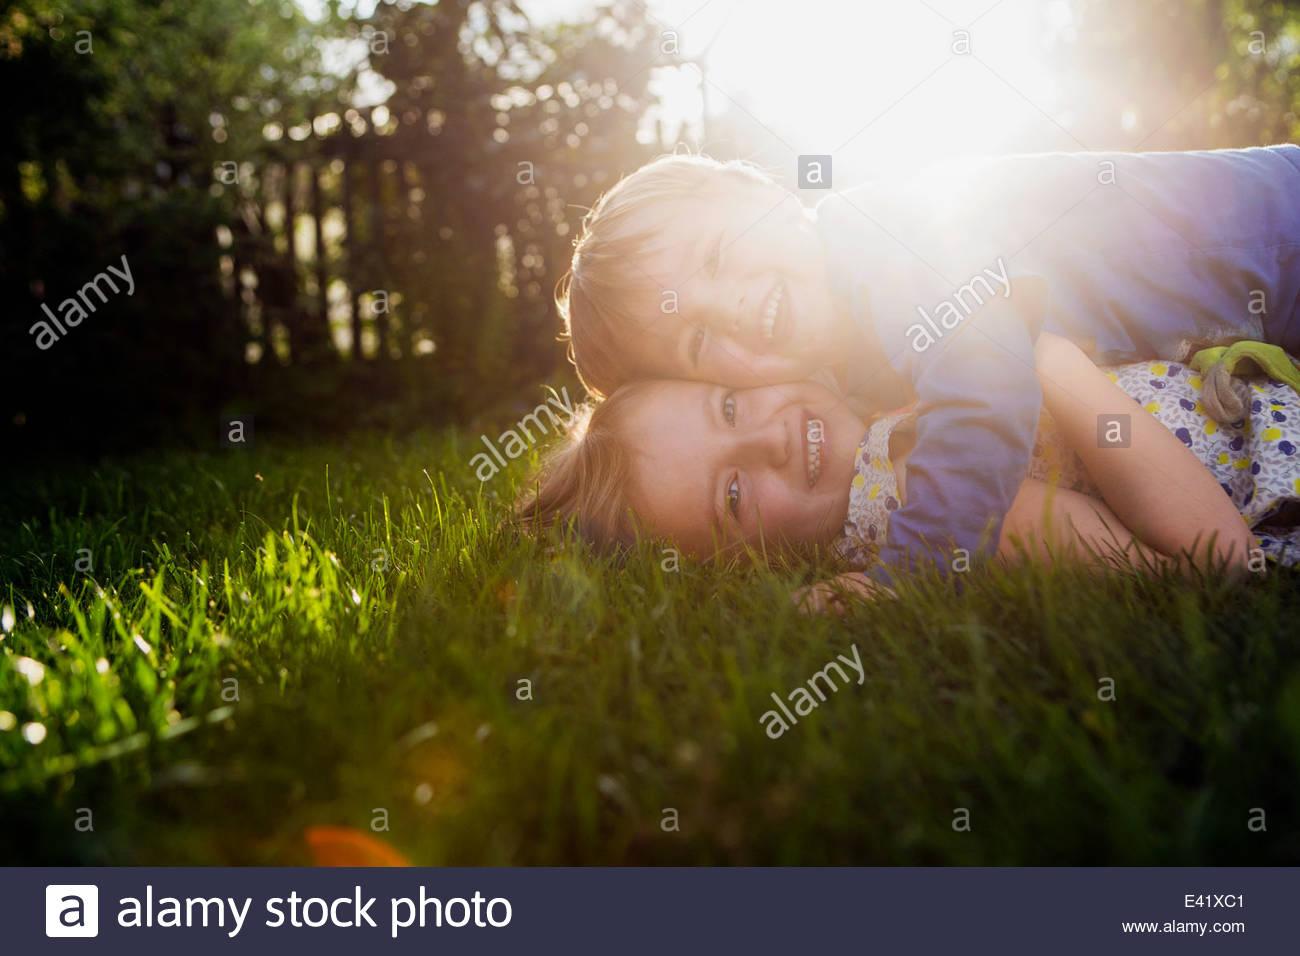 Bruder und Schwester liegen auf dem Rasen, umarmen Stockfoto